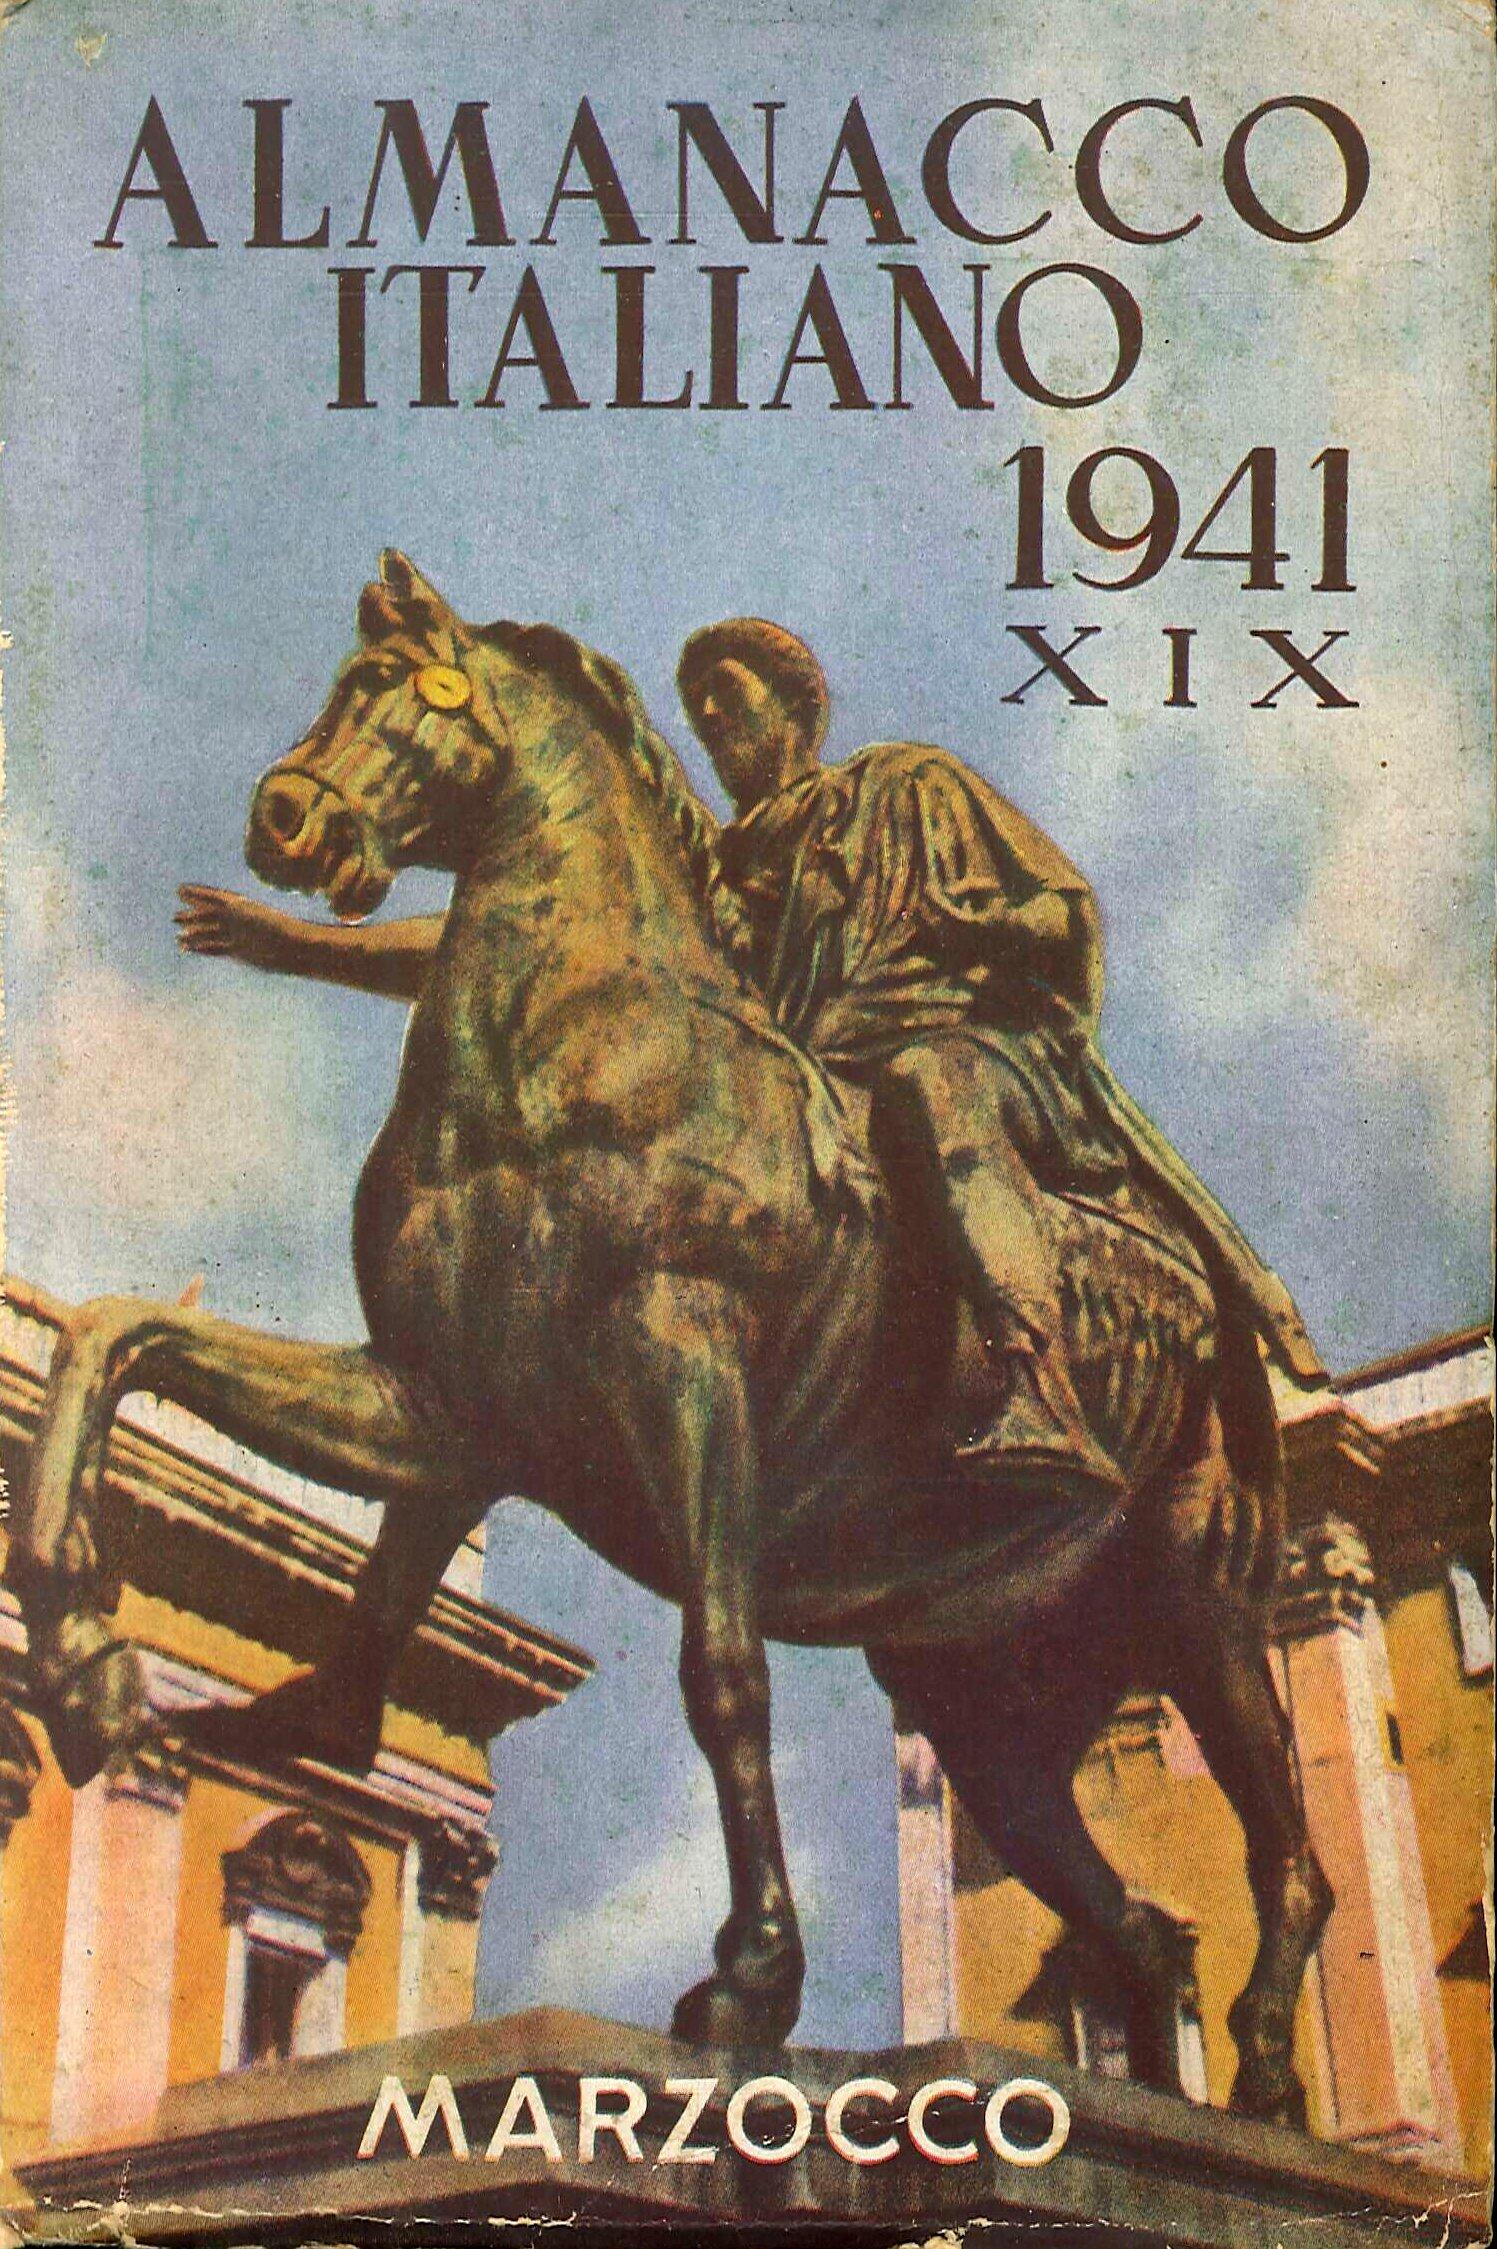 Almanacco Italiano 1941